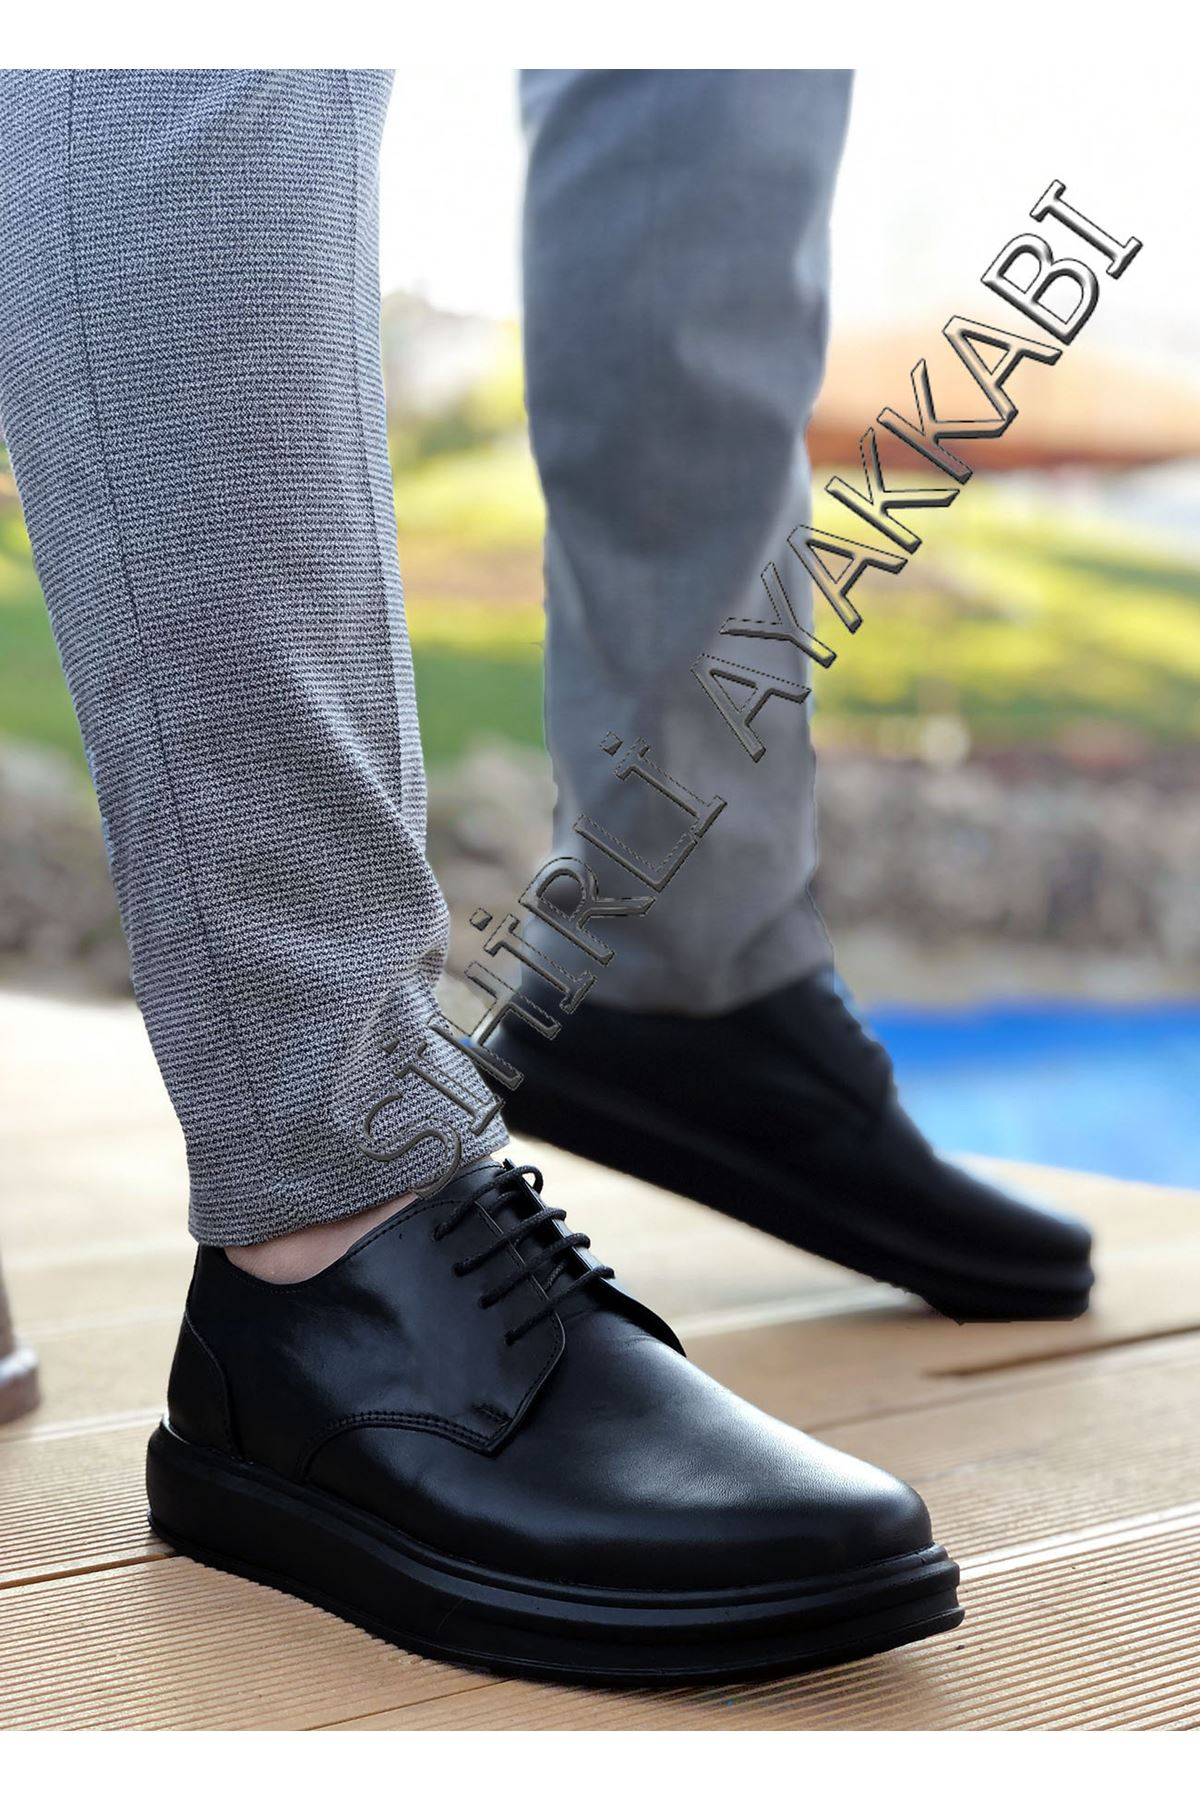 Boy Uzatan Hakiki Deri Siyah Bağcıklı Kalın Taban Erkek Klasik Ayakkabı